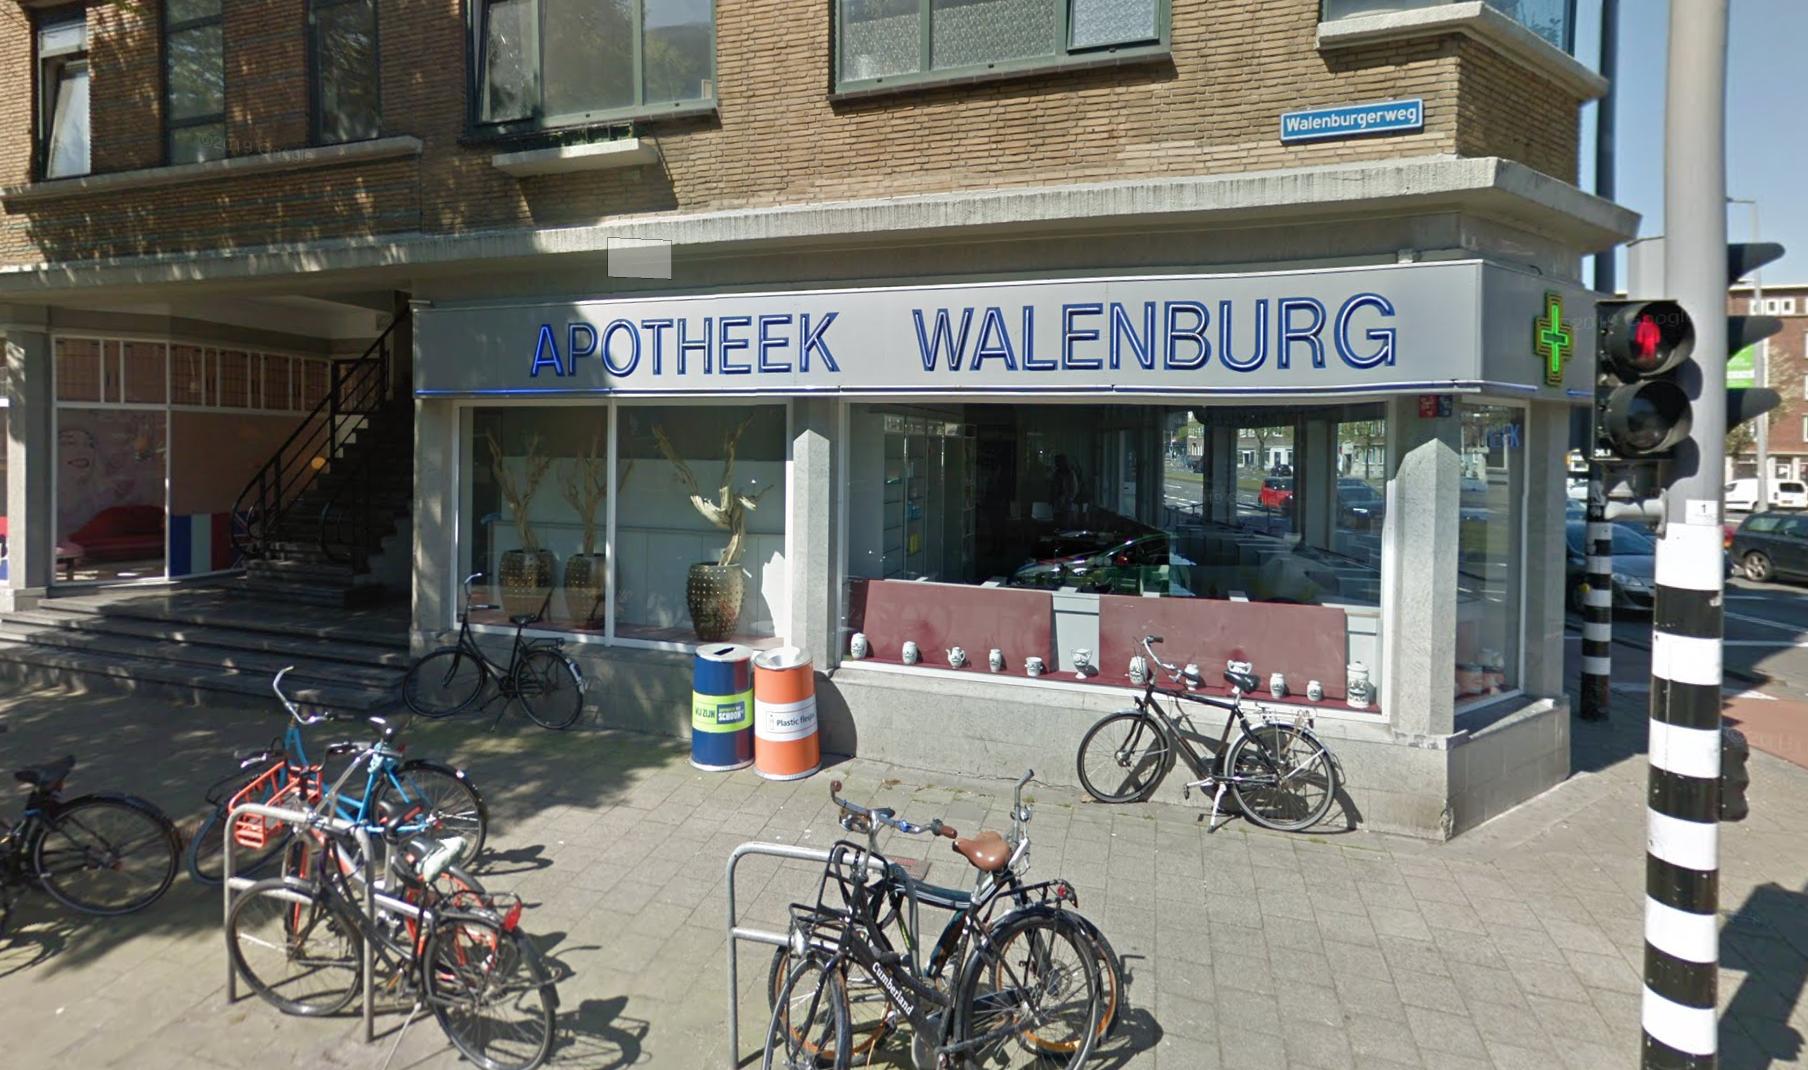 سیستم درمانی در هلند - قسمت اول